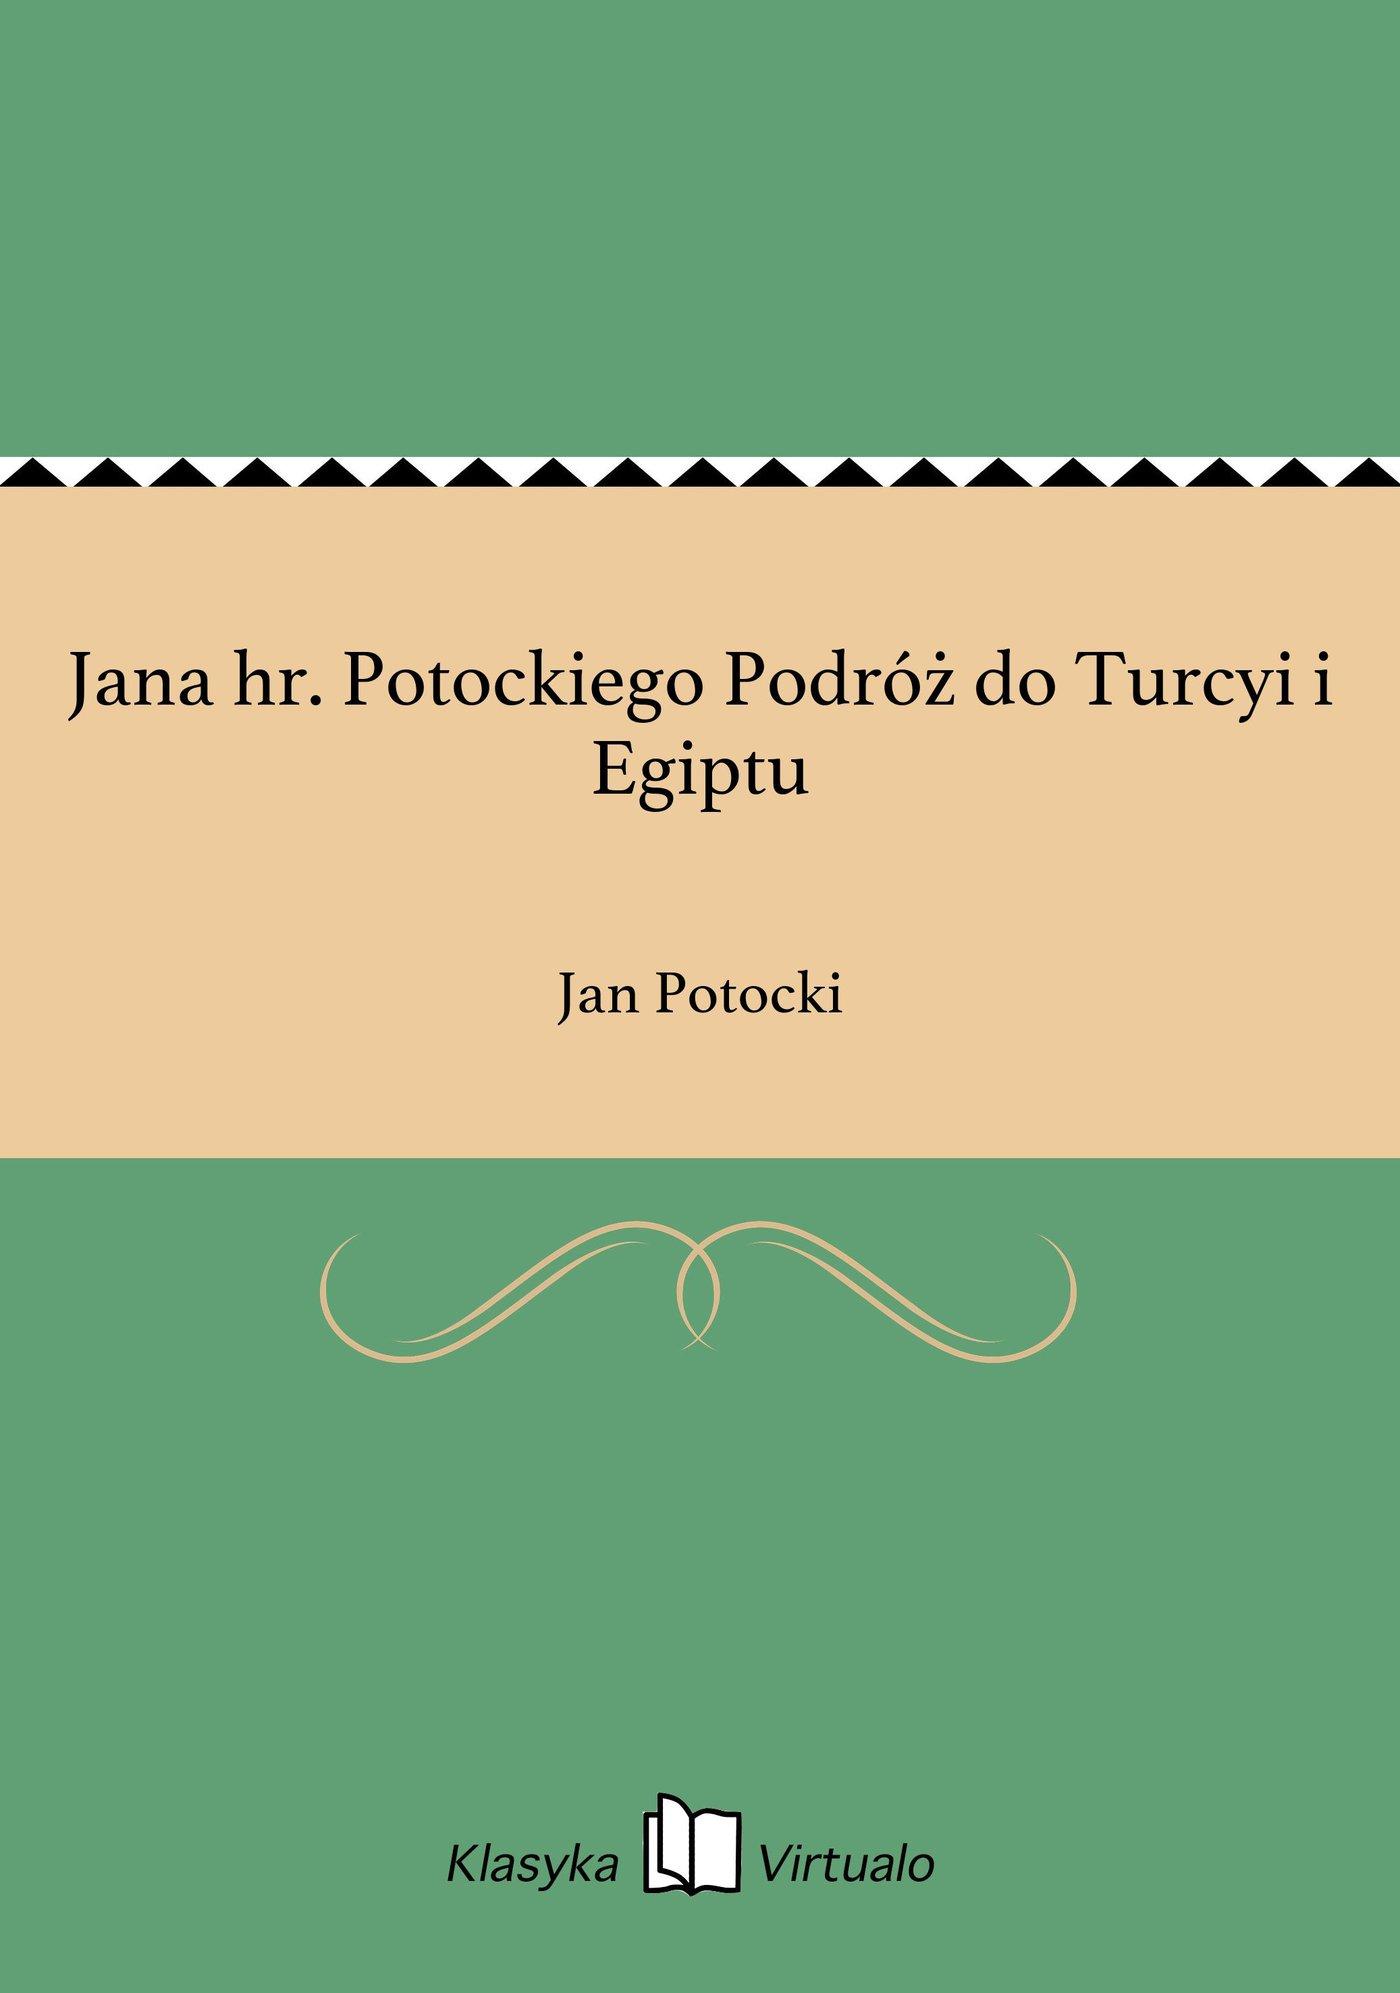 Jana hr. Potockiego Podróż do Turcyi i Egiptu - Ebook (Książka EPUB) do pobrania w formacie EPUB